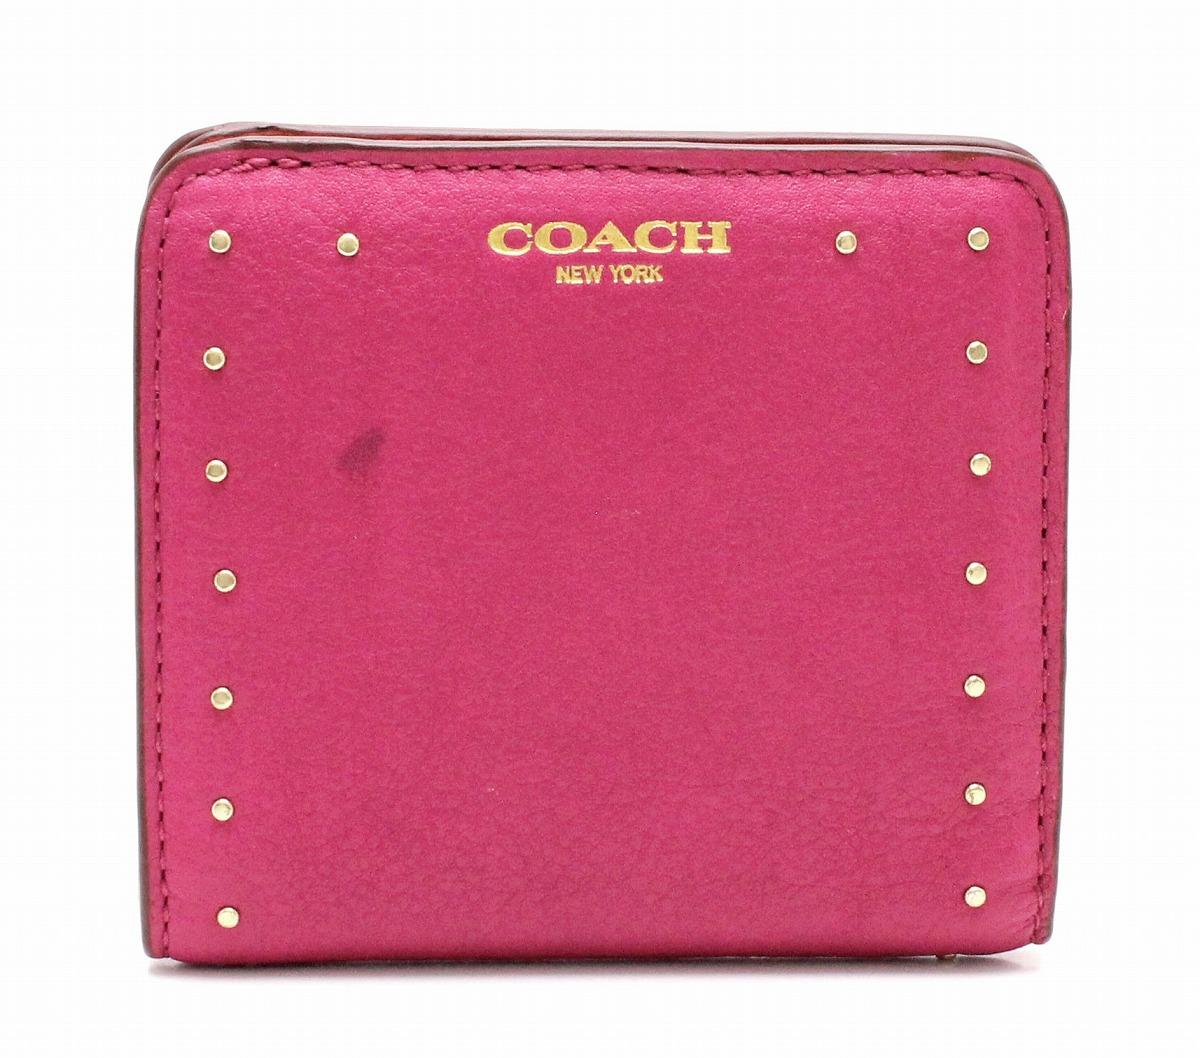 029c15038ed8 COACH コーチ 2つ折り財布 スタッズ レザー ゴールド ピンク 赤 レッド 【中古】